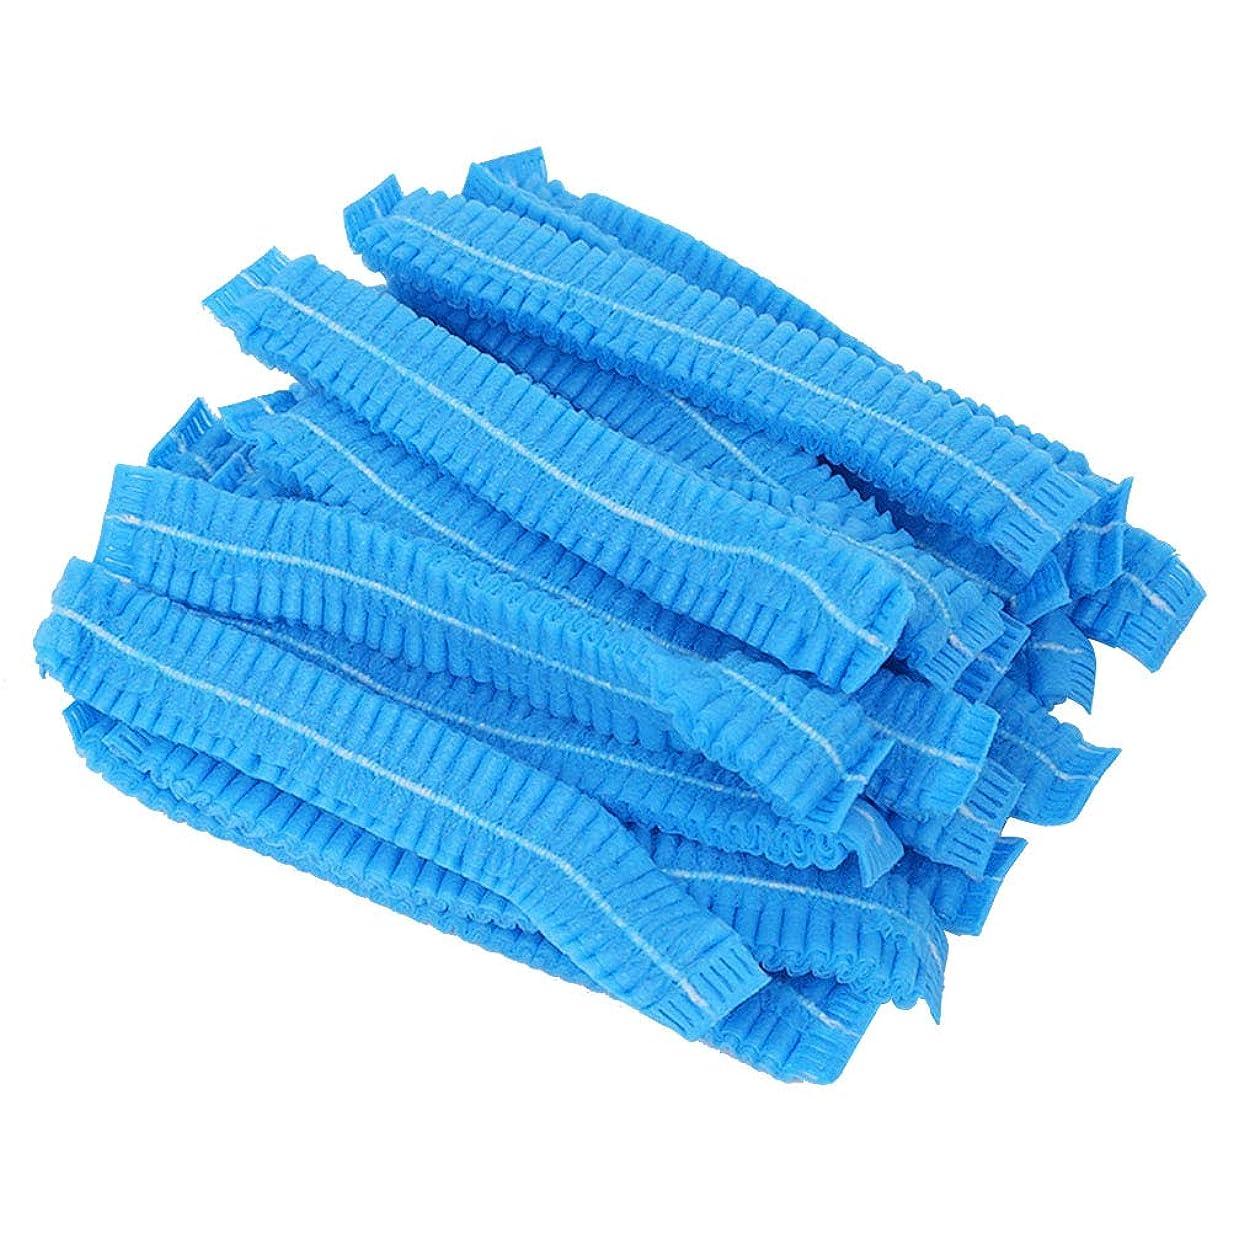 階ボタン賢いbeaupretty 100ピースヘアヘッドカバーネット使い捨て不織布防塵ヘアキャップ付きタトゥーフードサービス(ブルー)